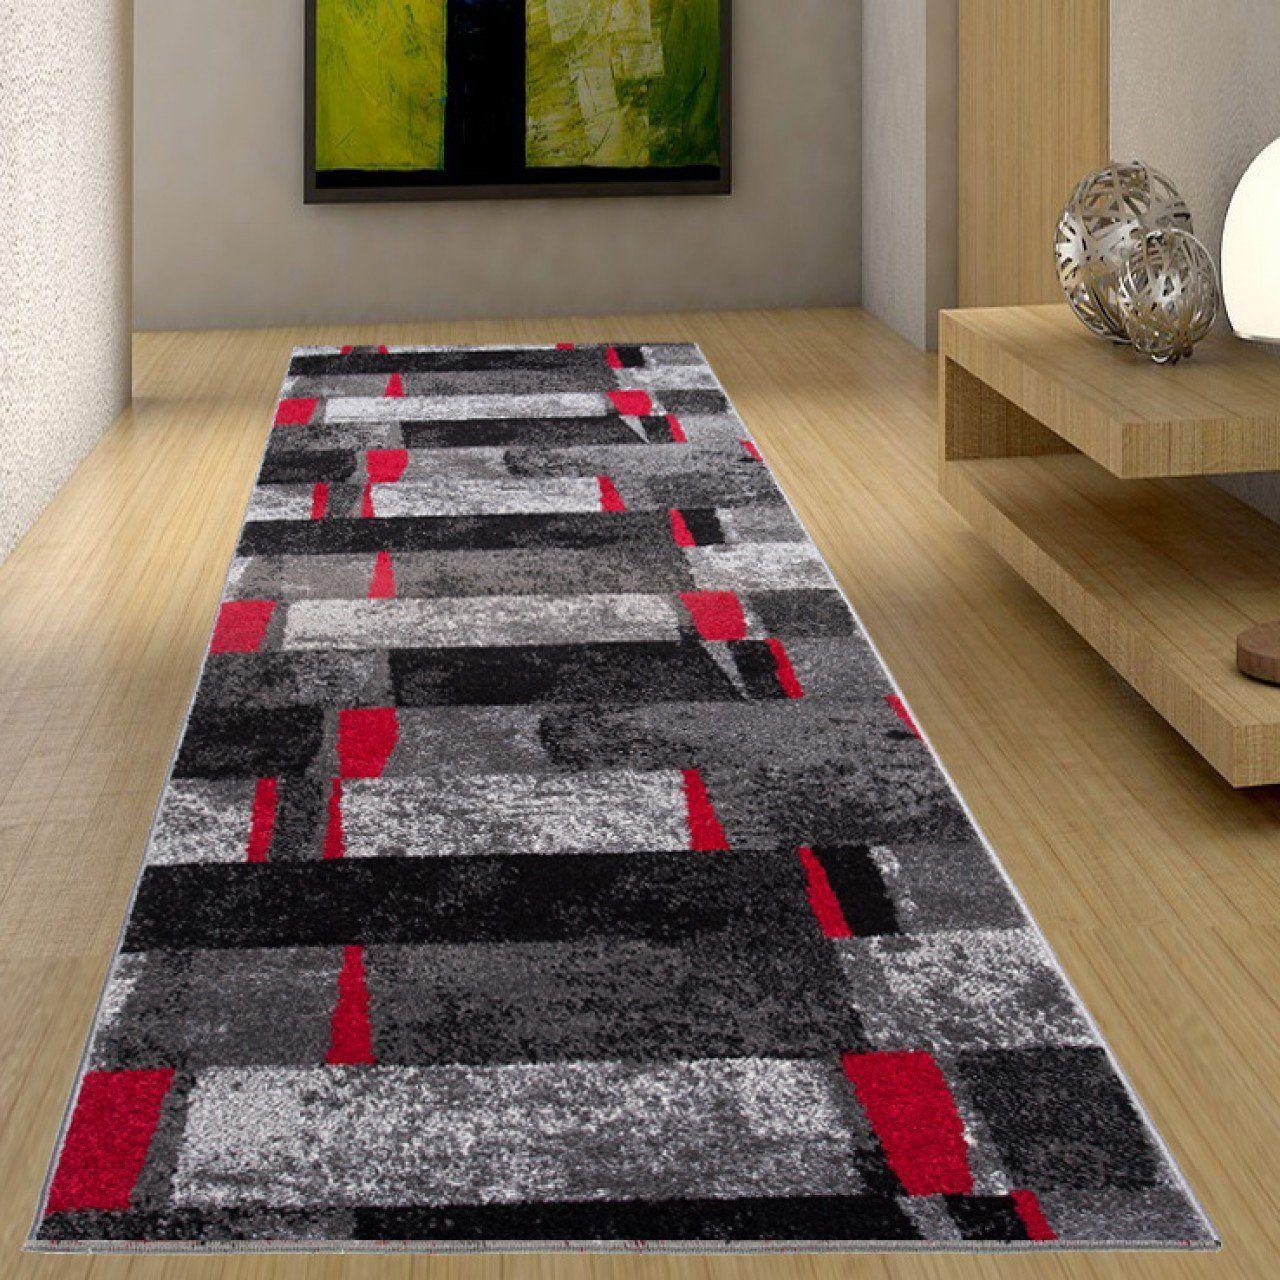 couleur anthracite gris rouge motif